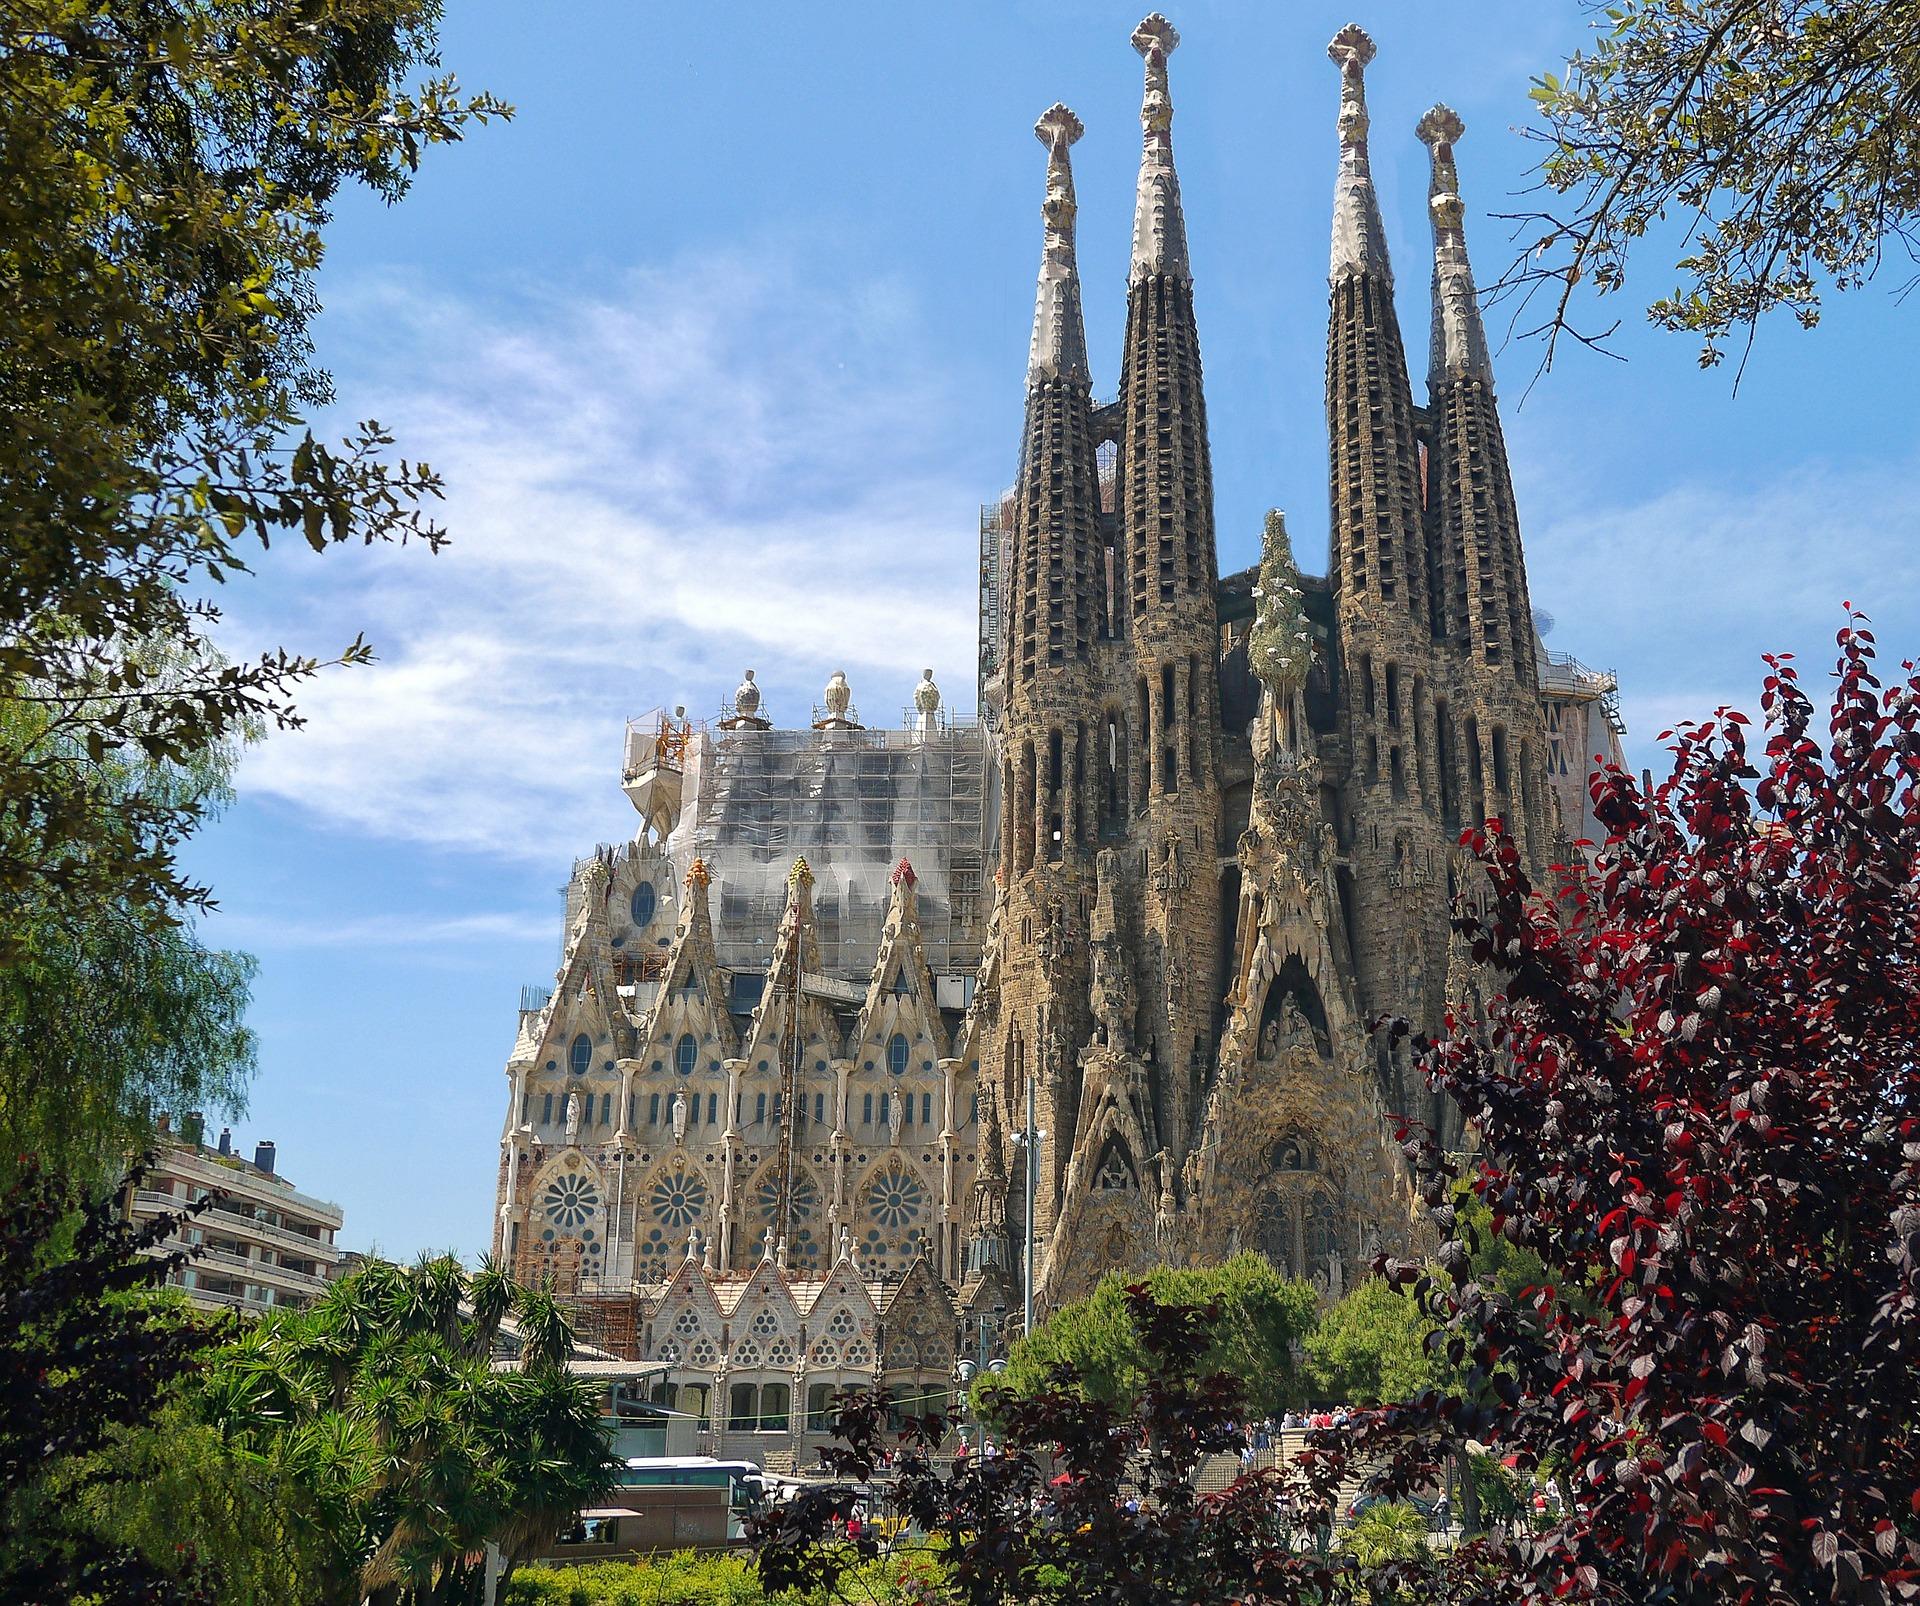 La Sagrada Familia gets building permit after 137 Years